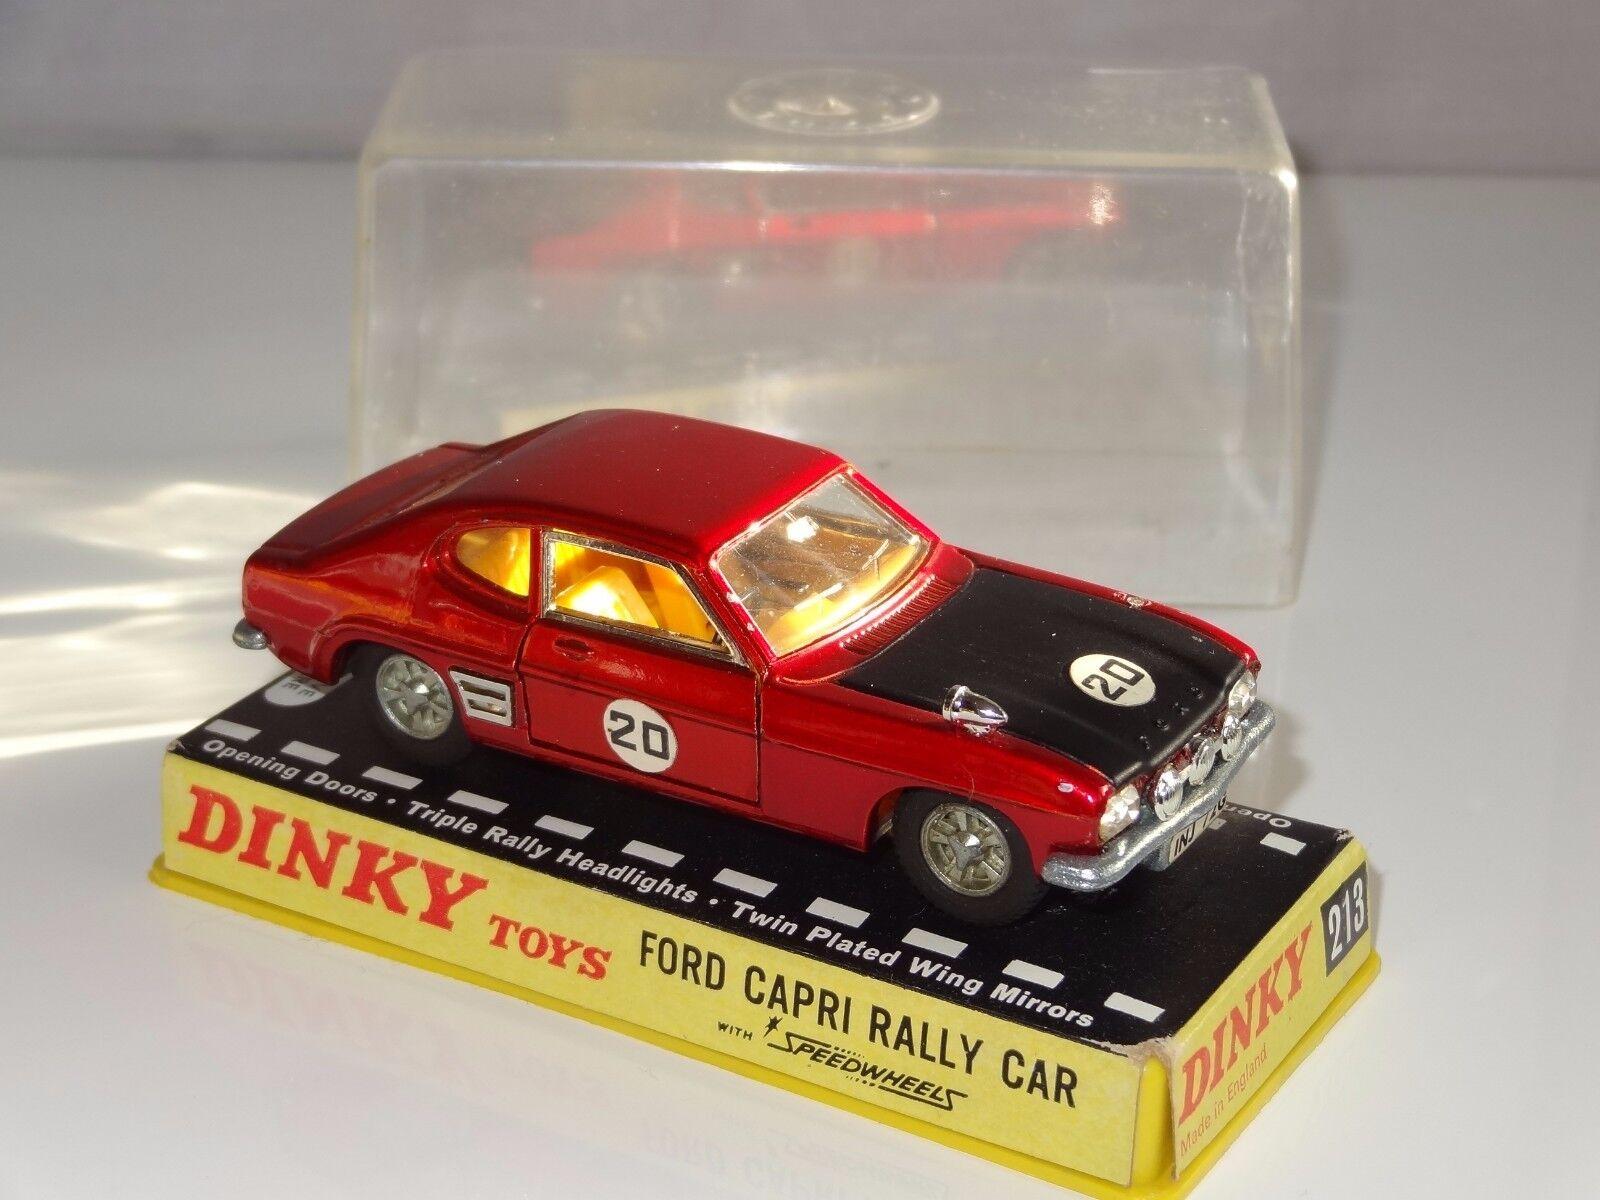 DINKY FORD CAPRI auto da rally - 213